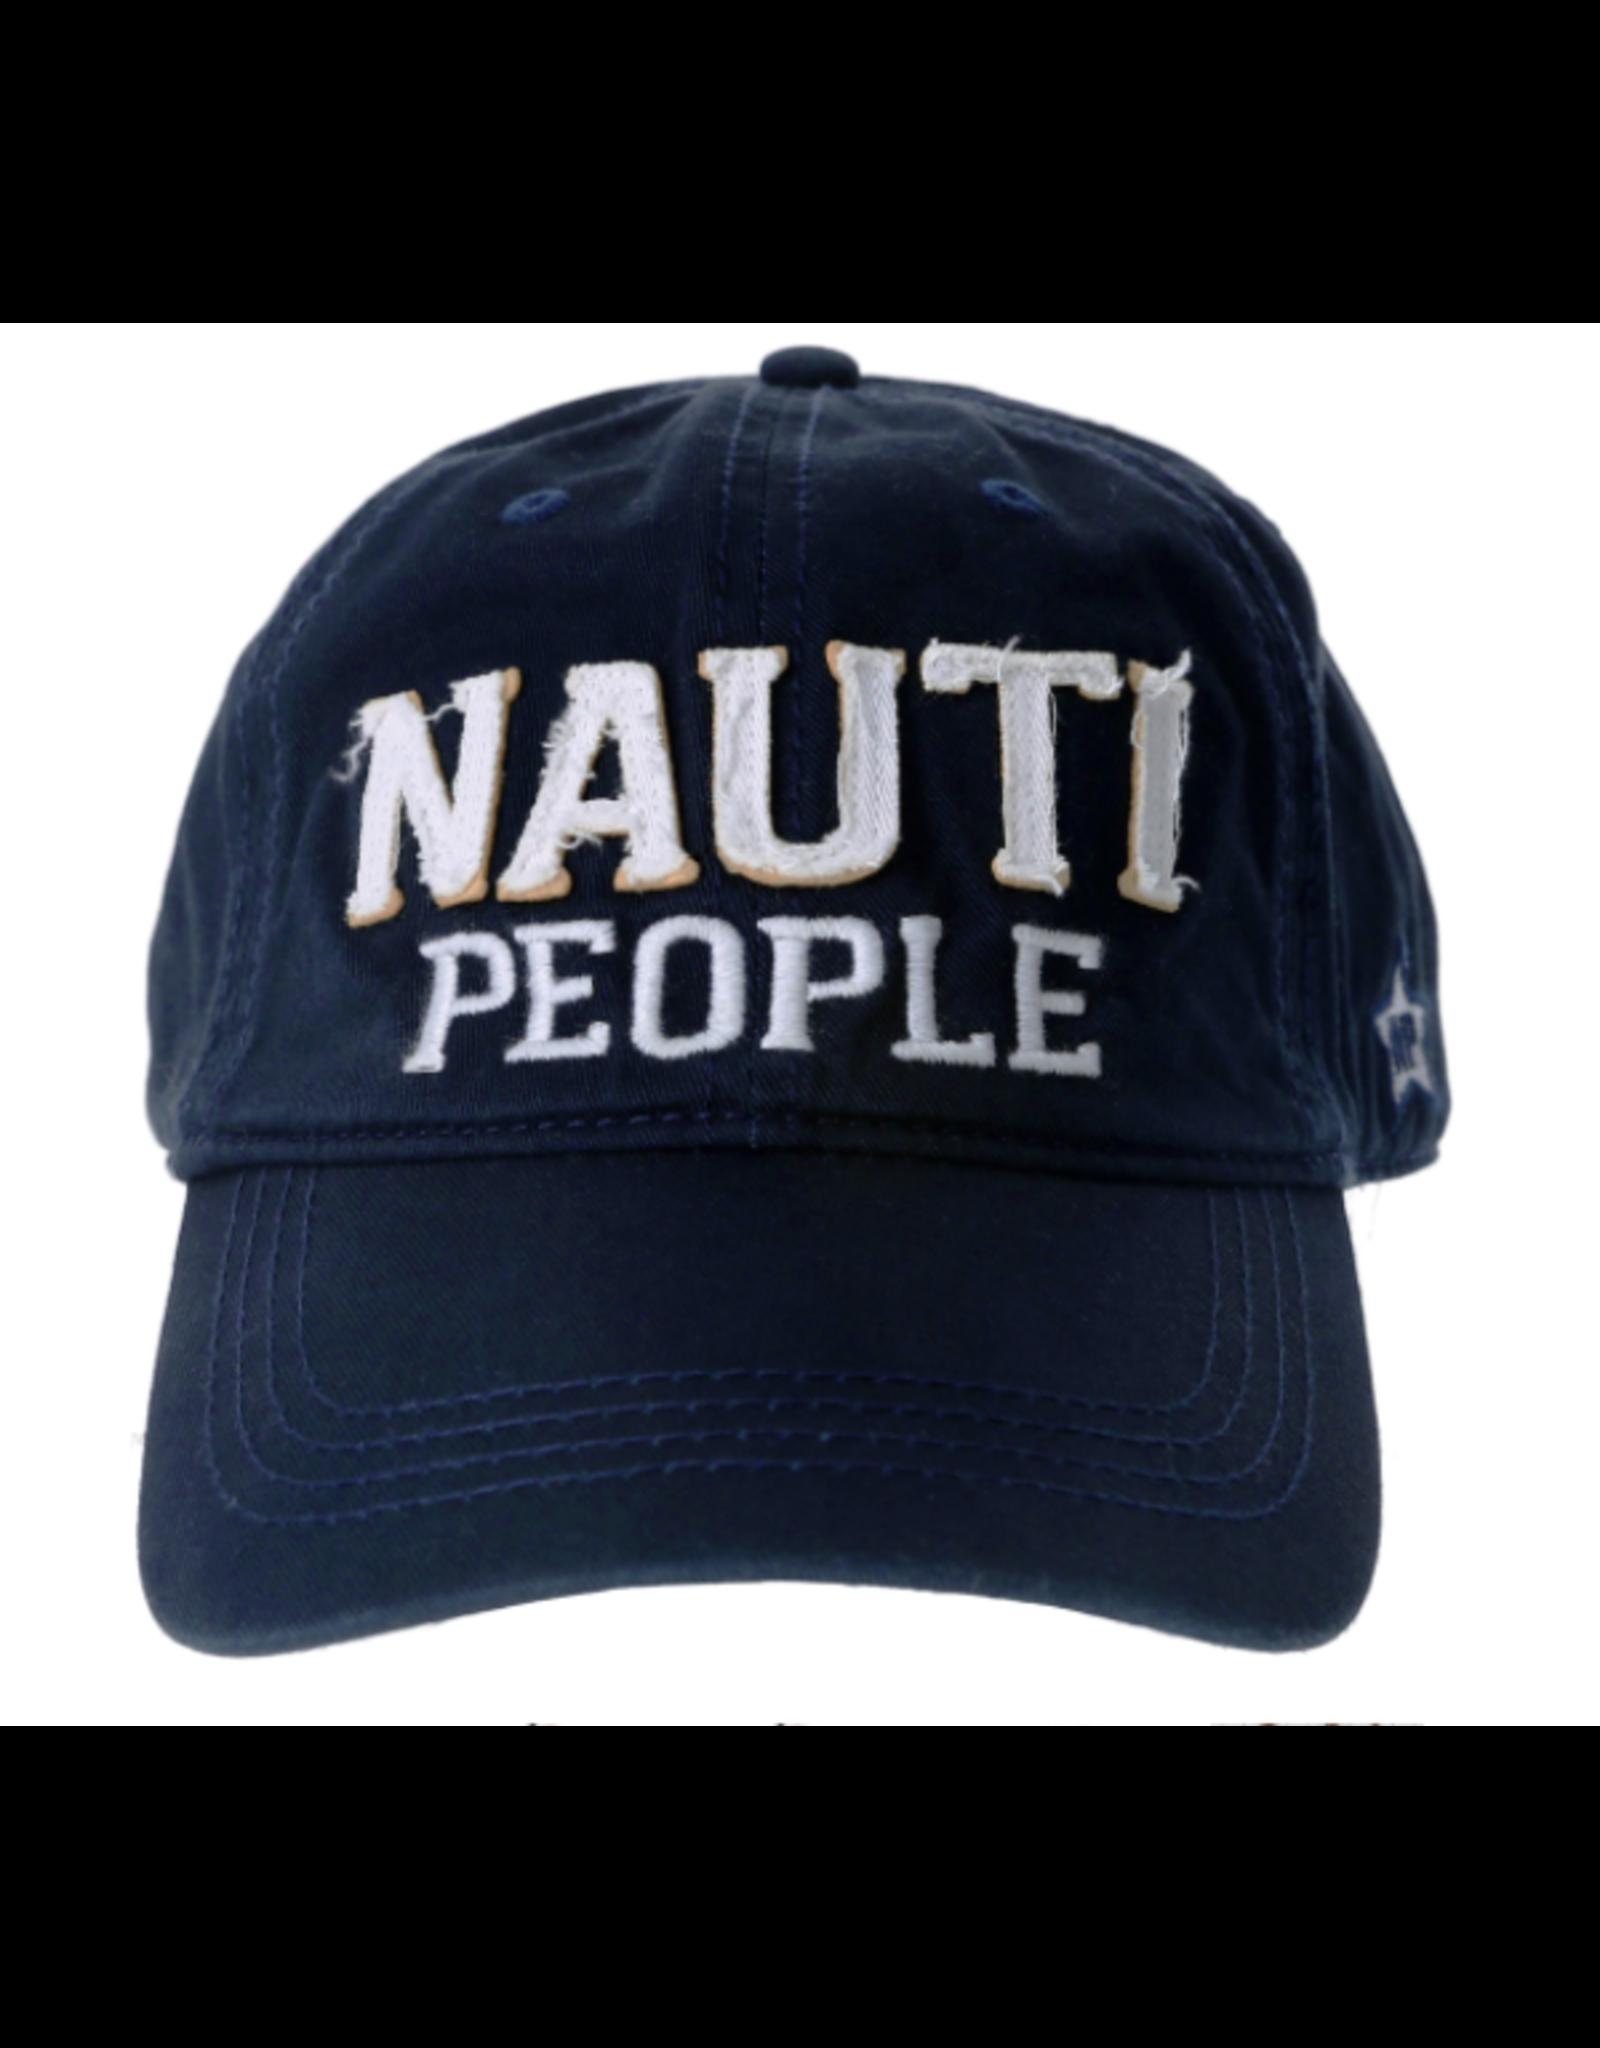 Nauti People Ball Hat, navy